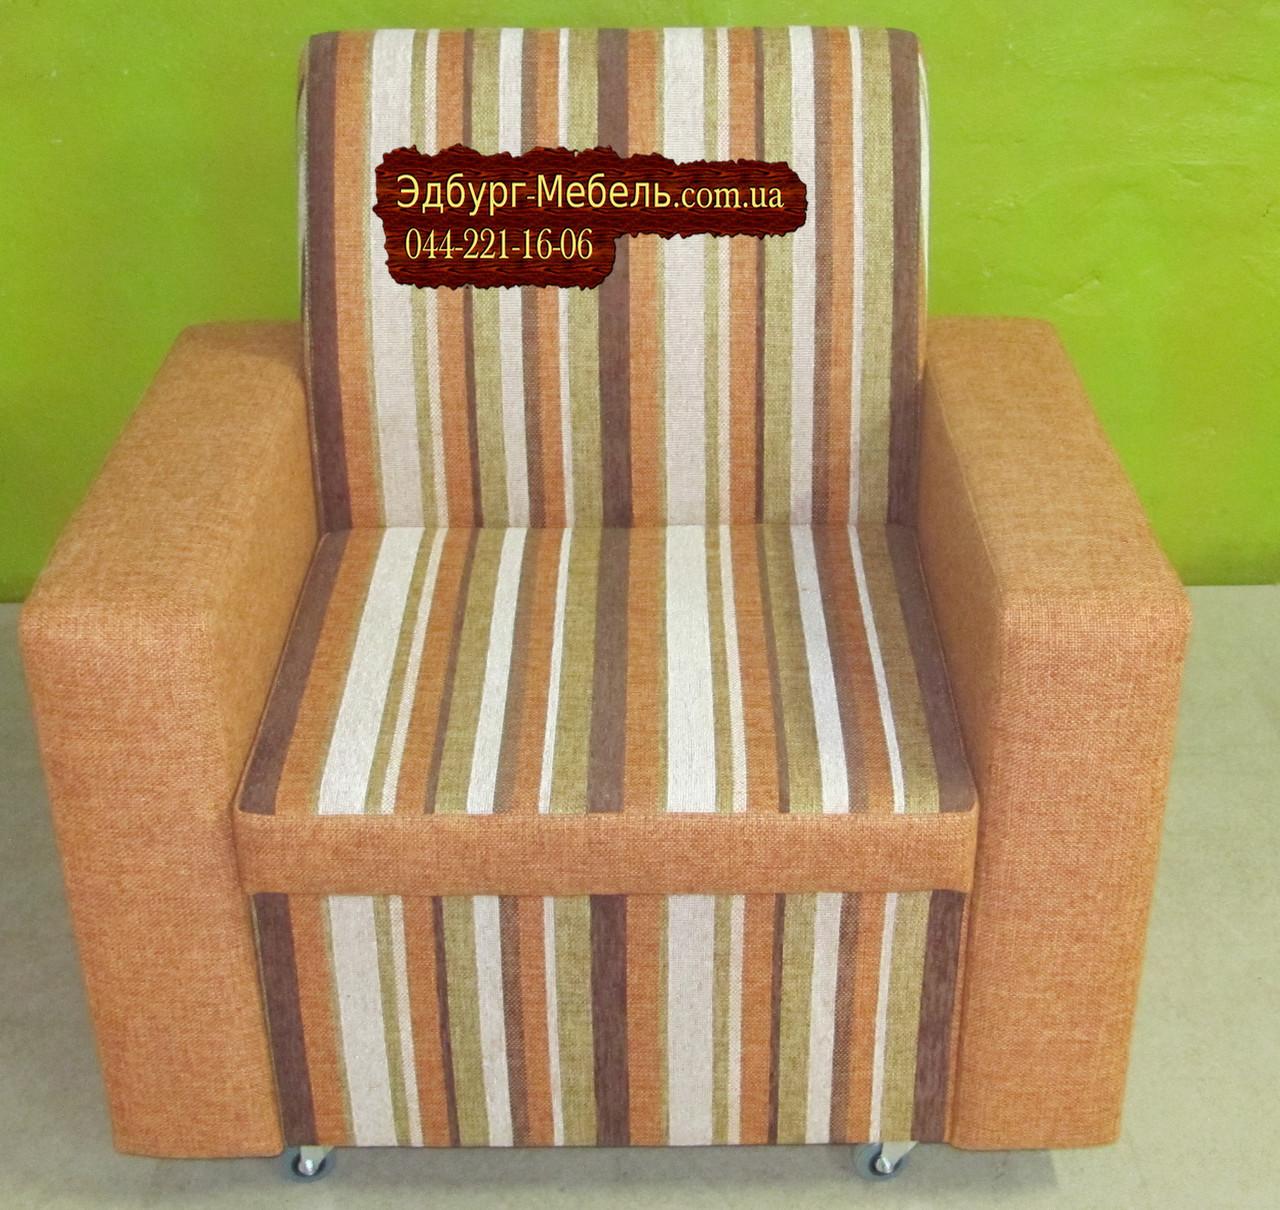 Крісло на коліщатах з ящиком